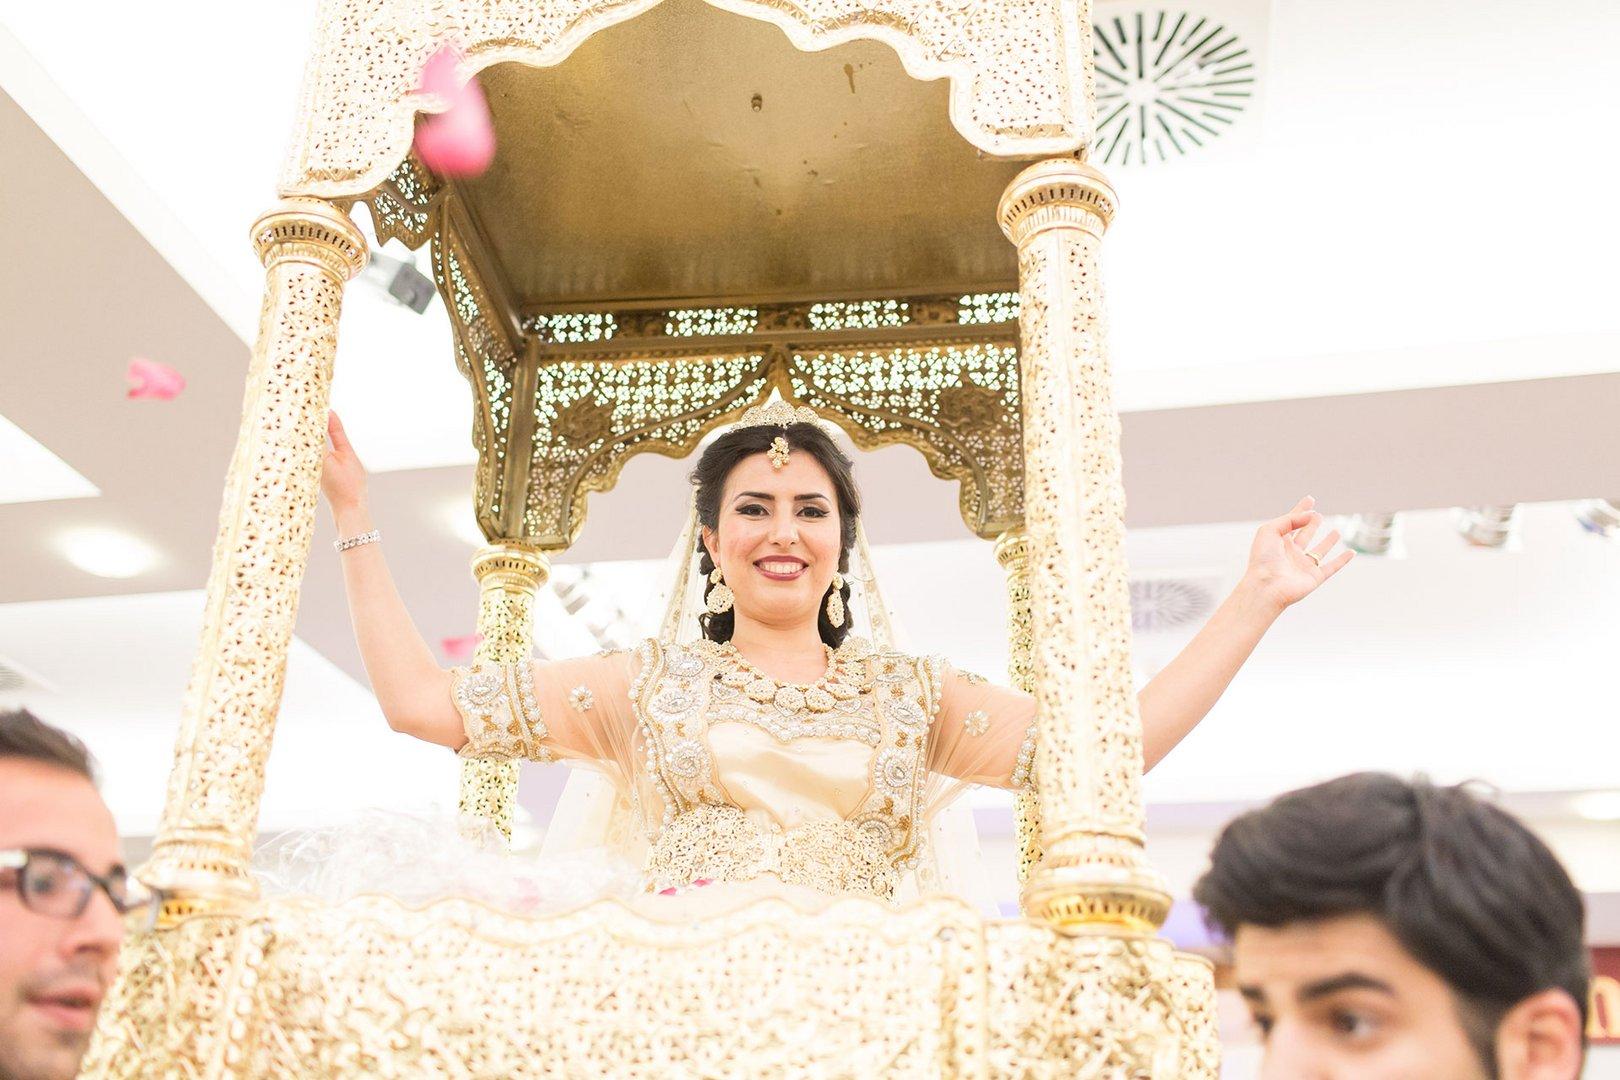 Arabische Hochzeit Foto & Bild  hochzeit, hochzeitsfotograf